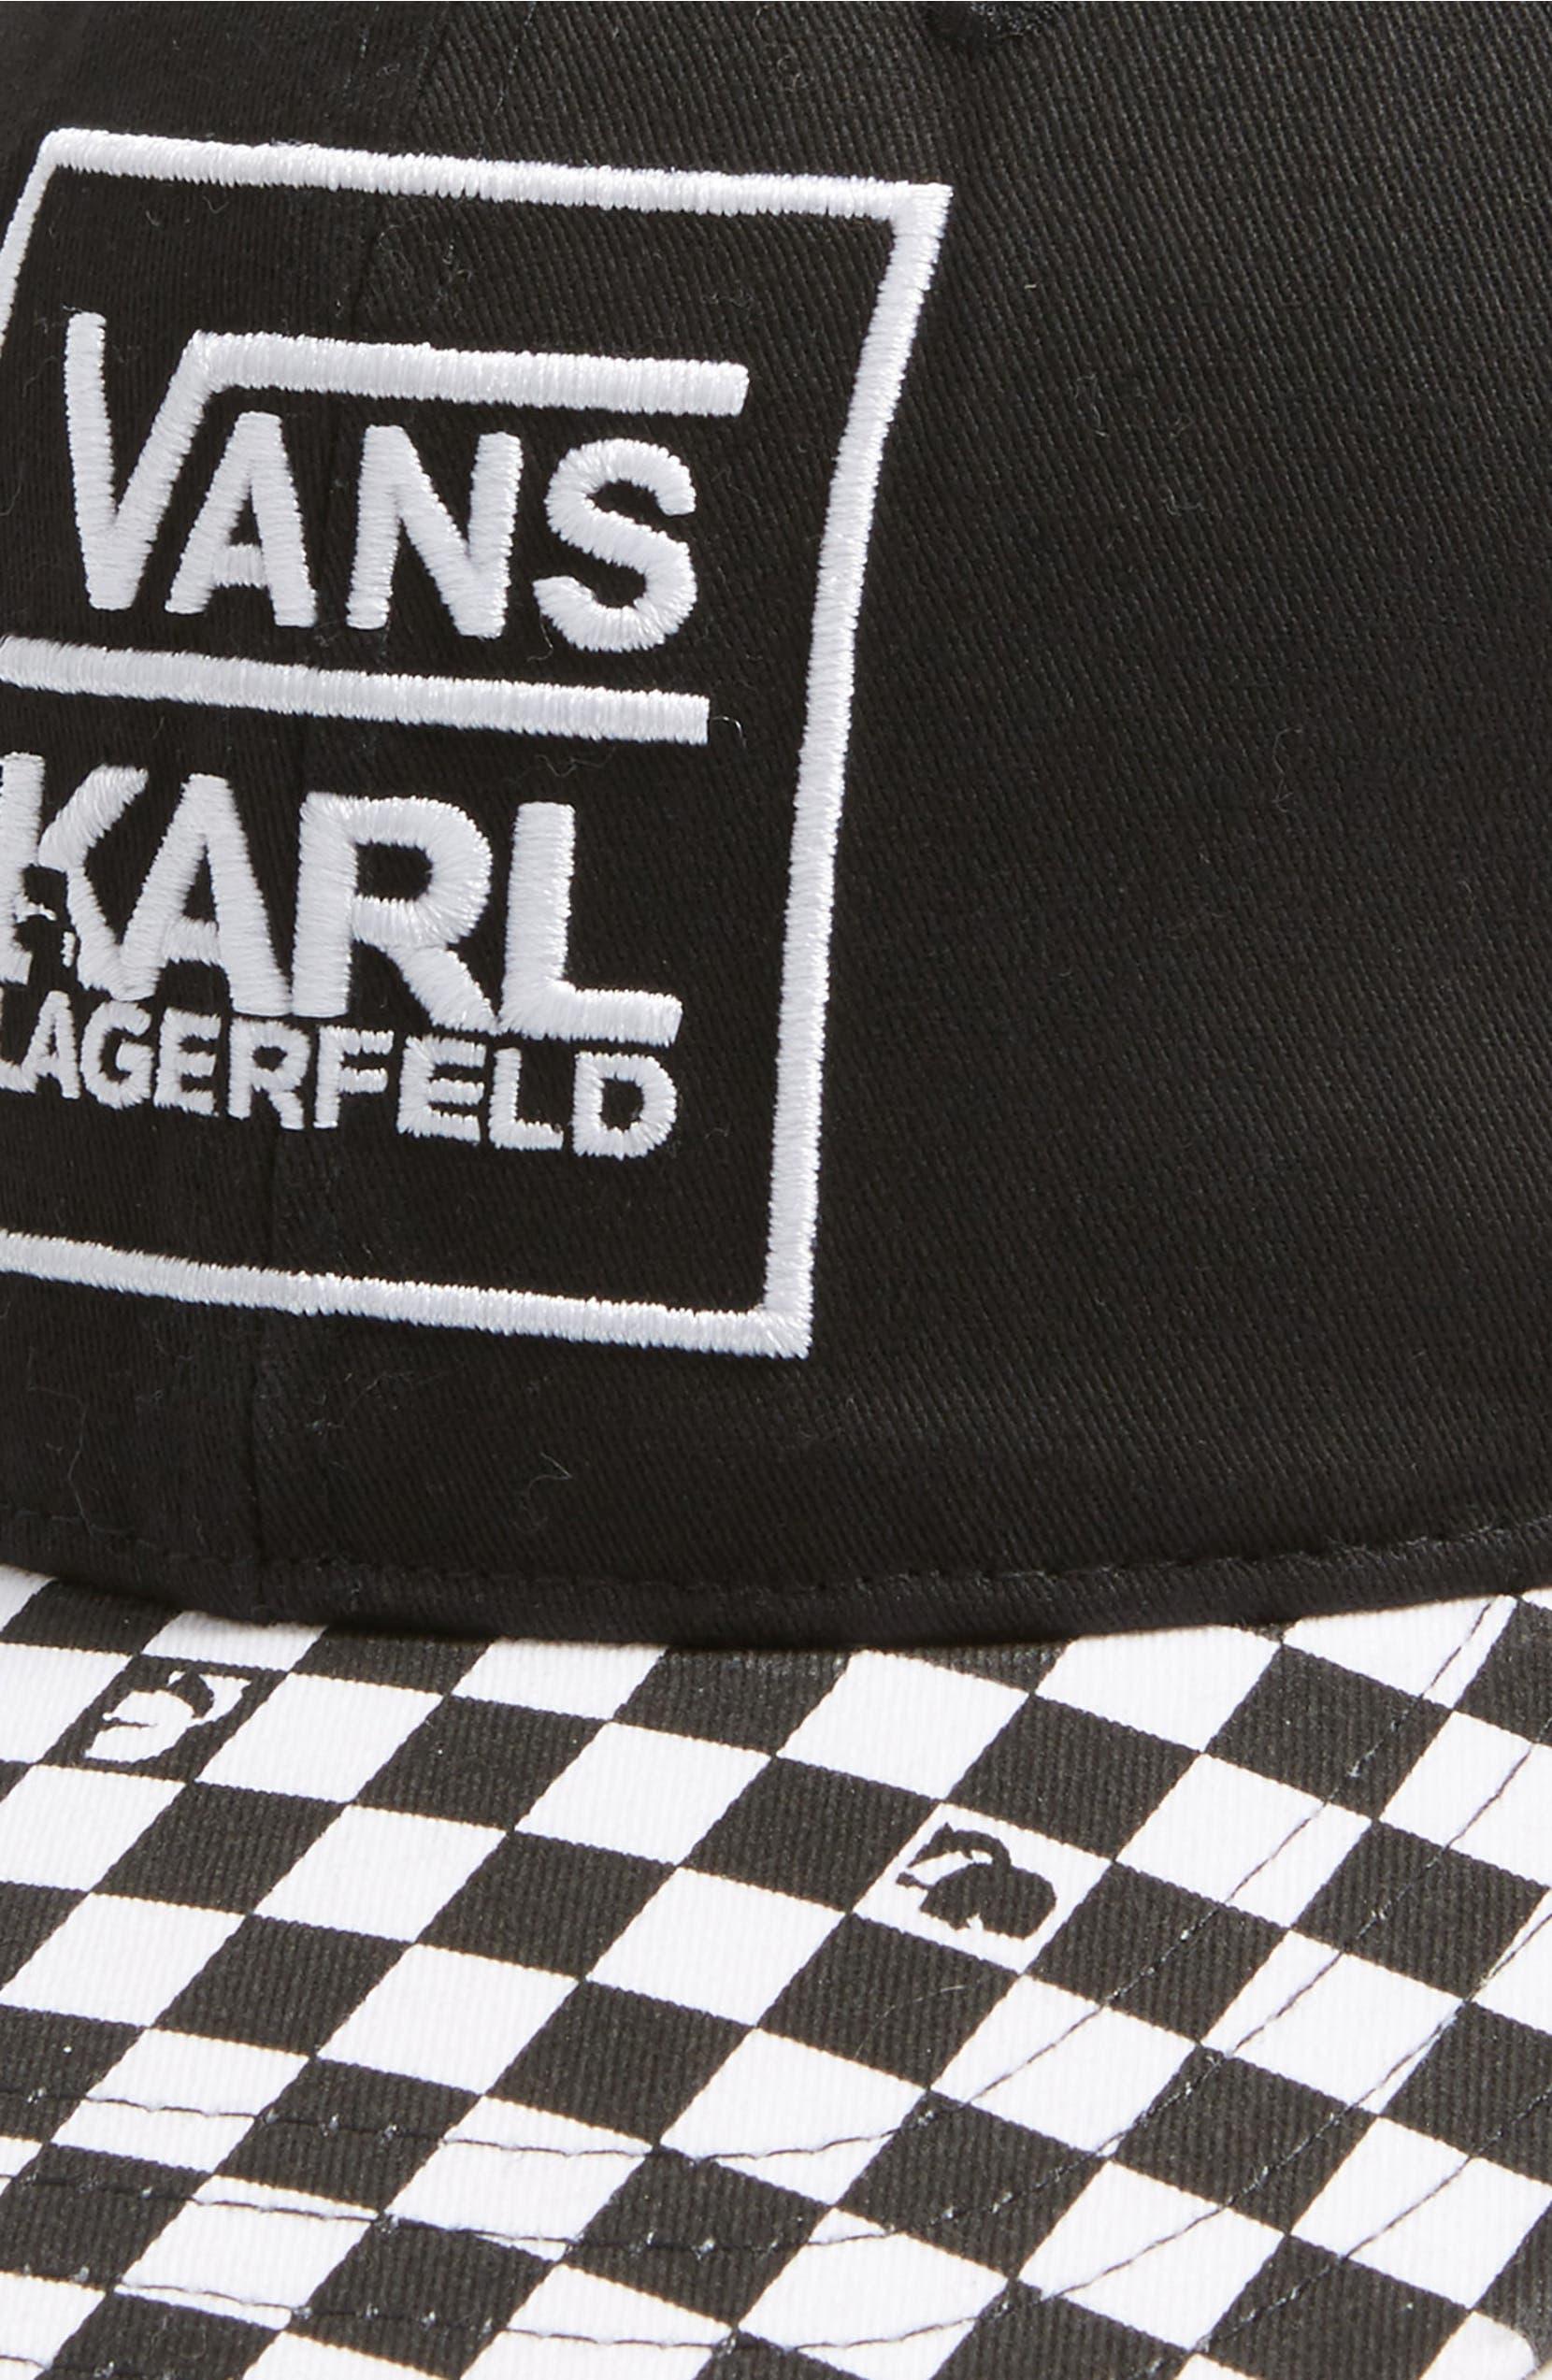 4741d1180a52cc Vans x KARL LAGERFELD Dugout Baseball Cap | Nordstrom